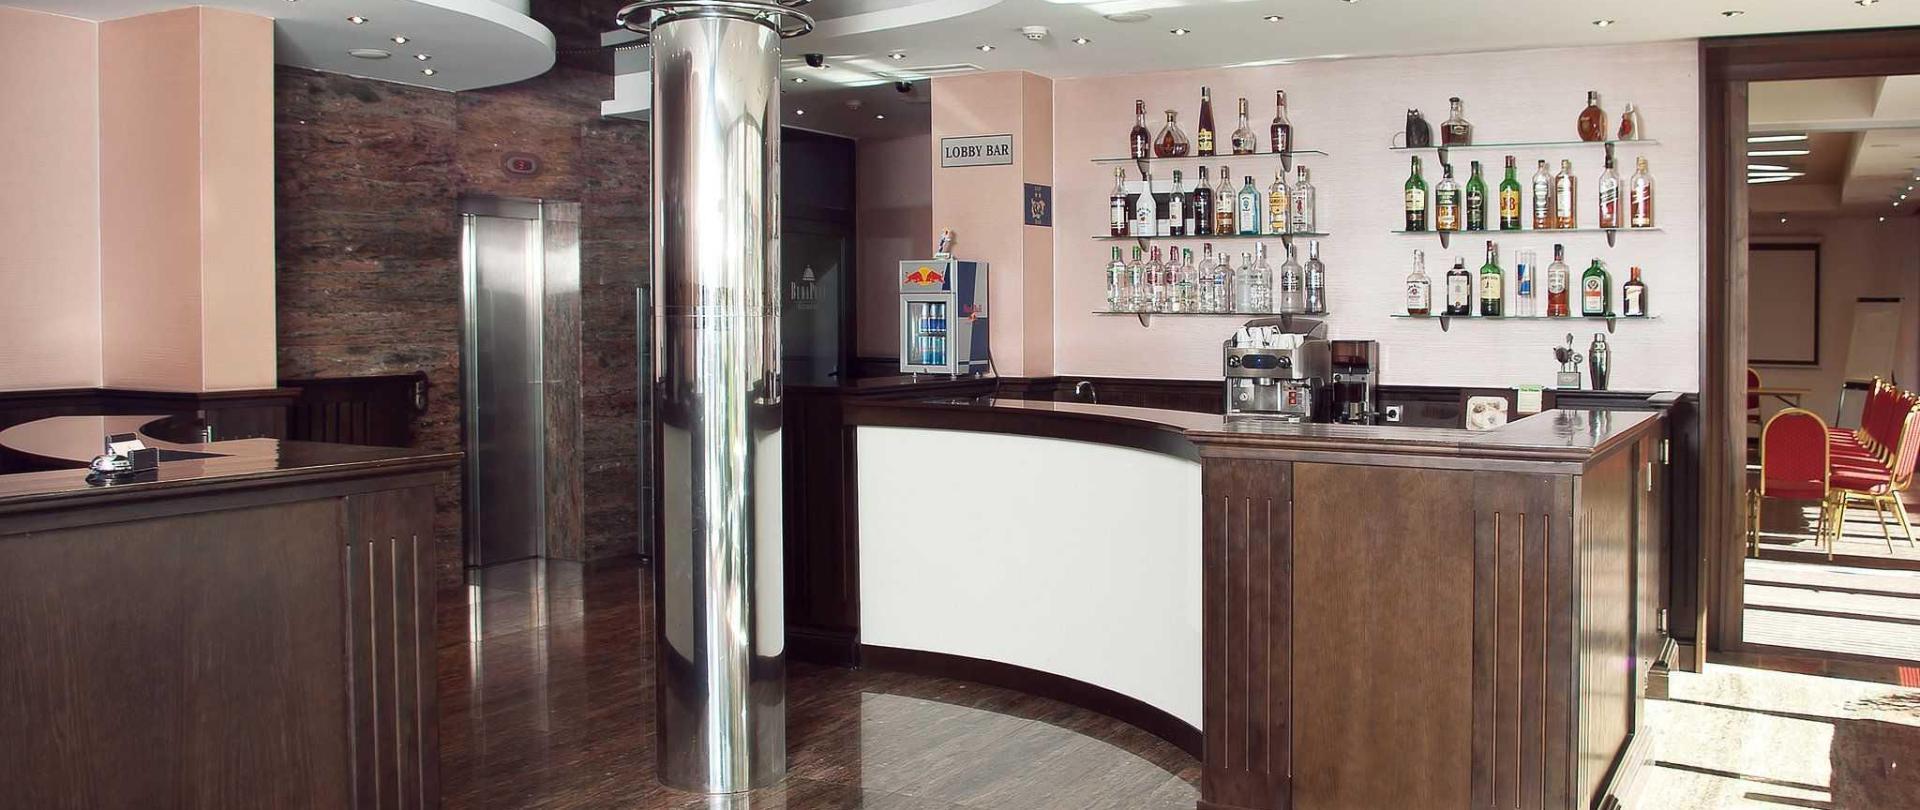 budapest_hotel_sofia_lobby.jpg